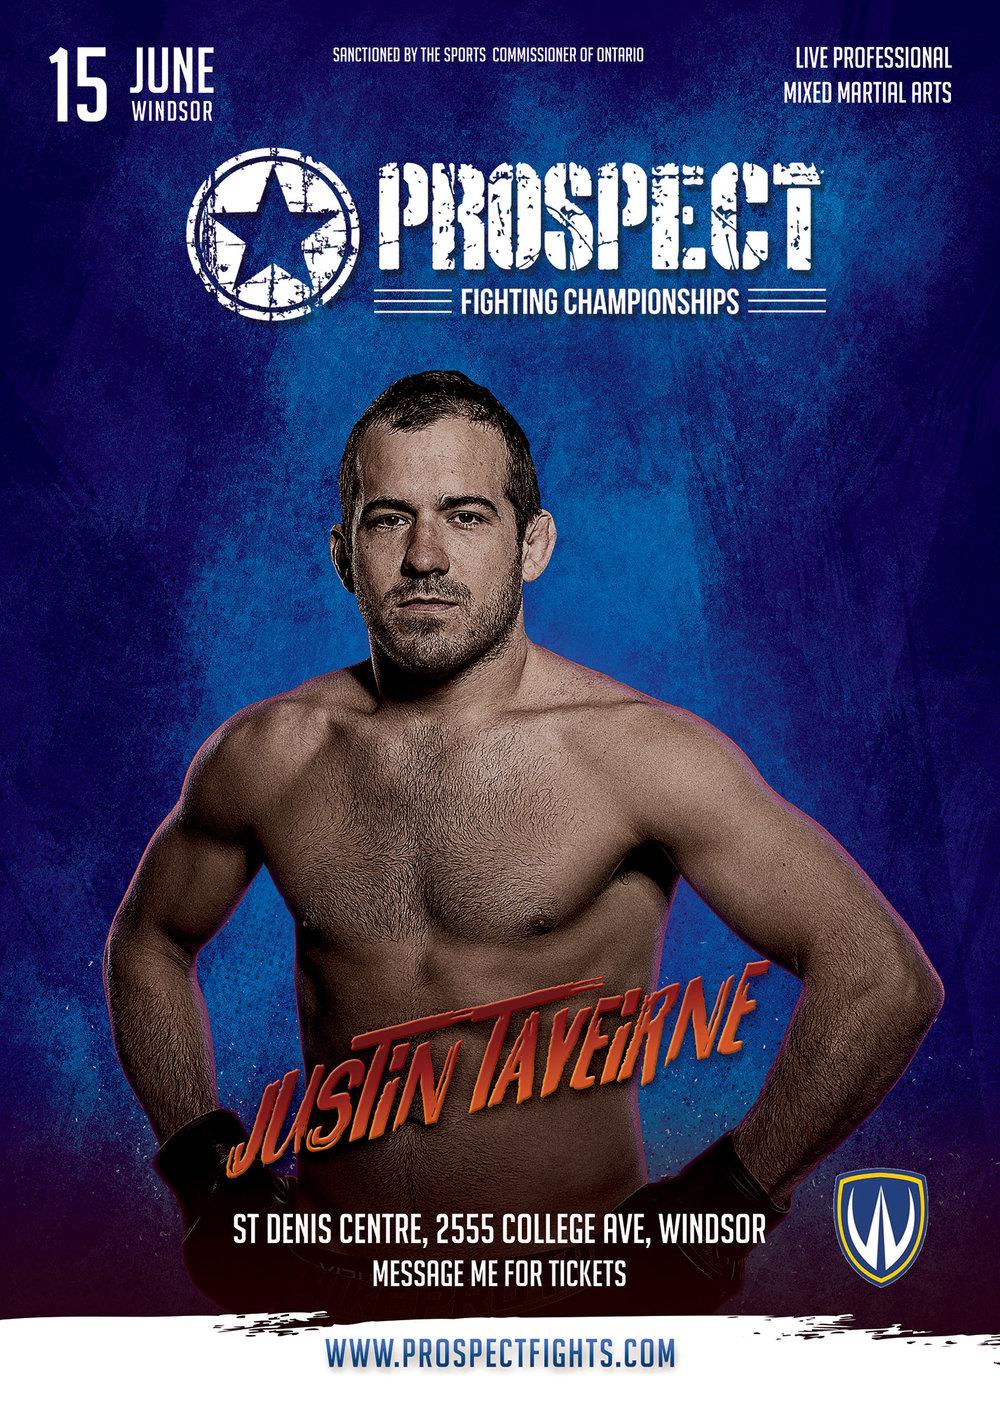 PFC_Justin_Taverine_web.jpg